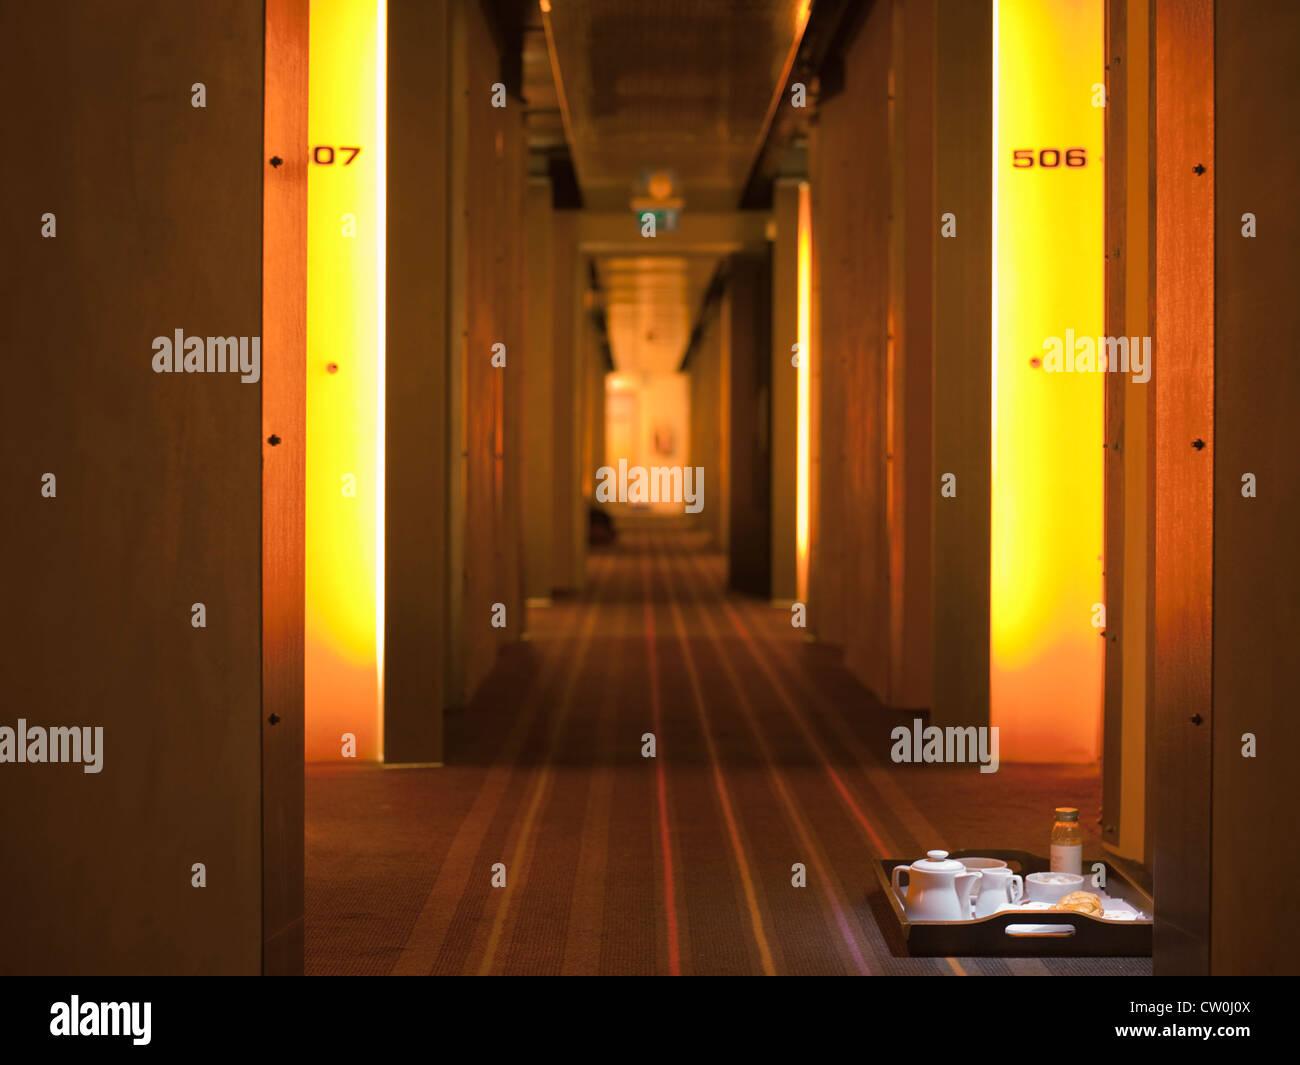 Corridoio con il servizio in camera il vassoio in hotel Immagini Stock